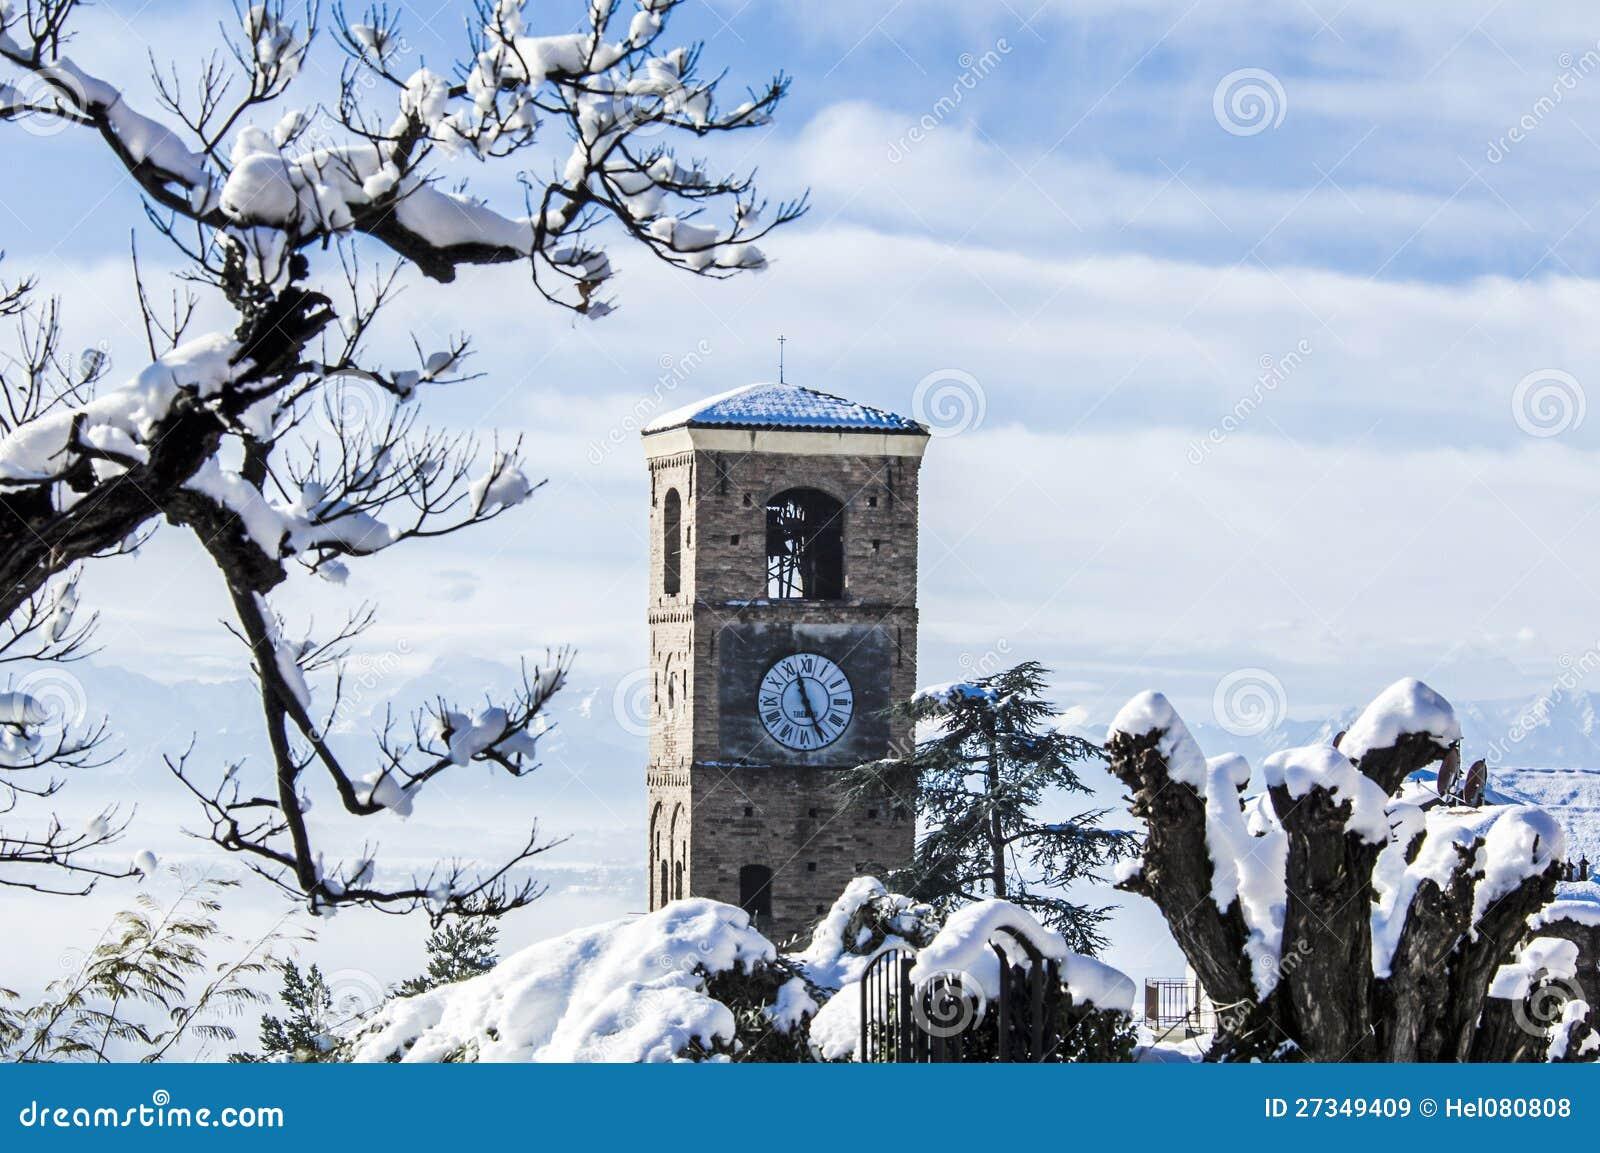 Inverno em Pliemont, em Italy, em árvores nevado e em steeple